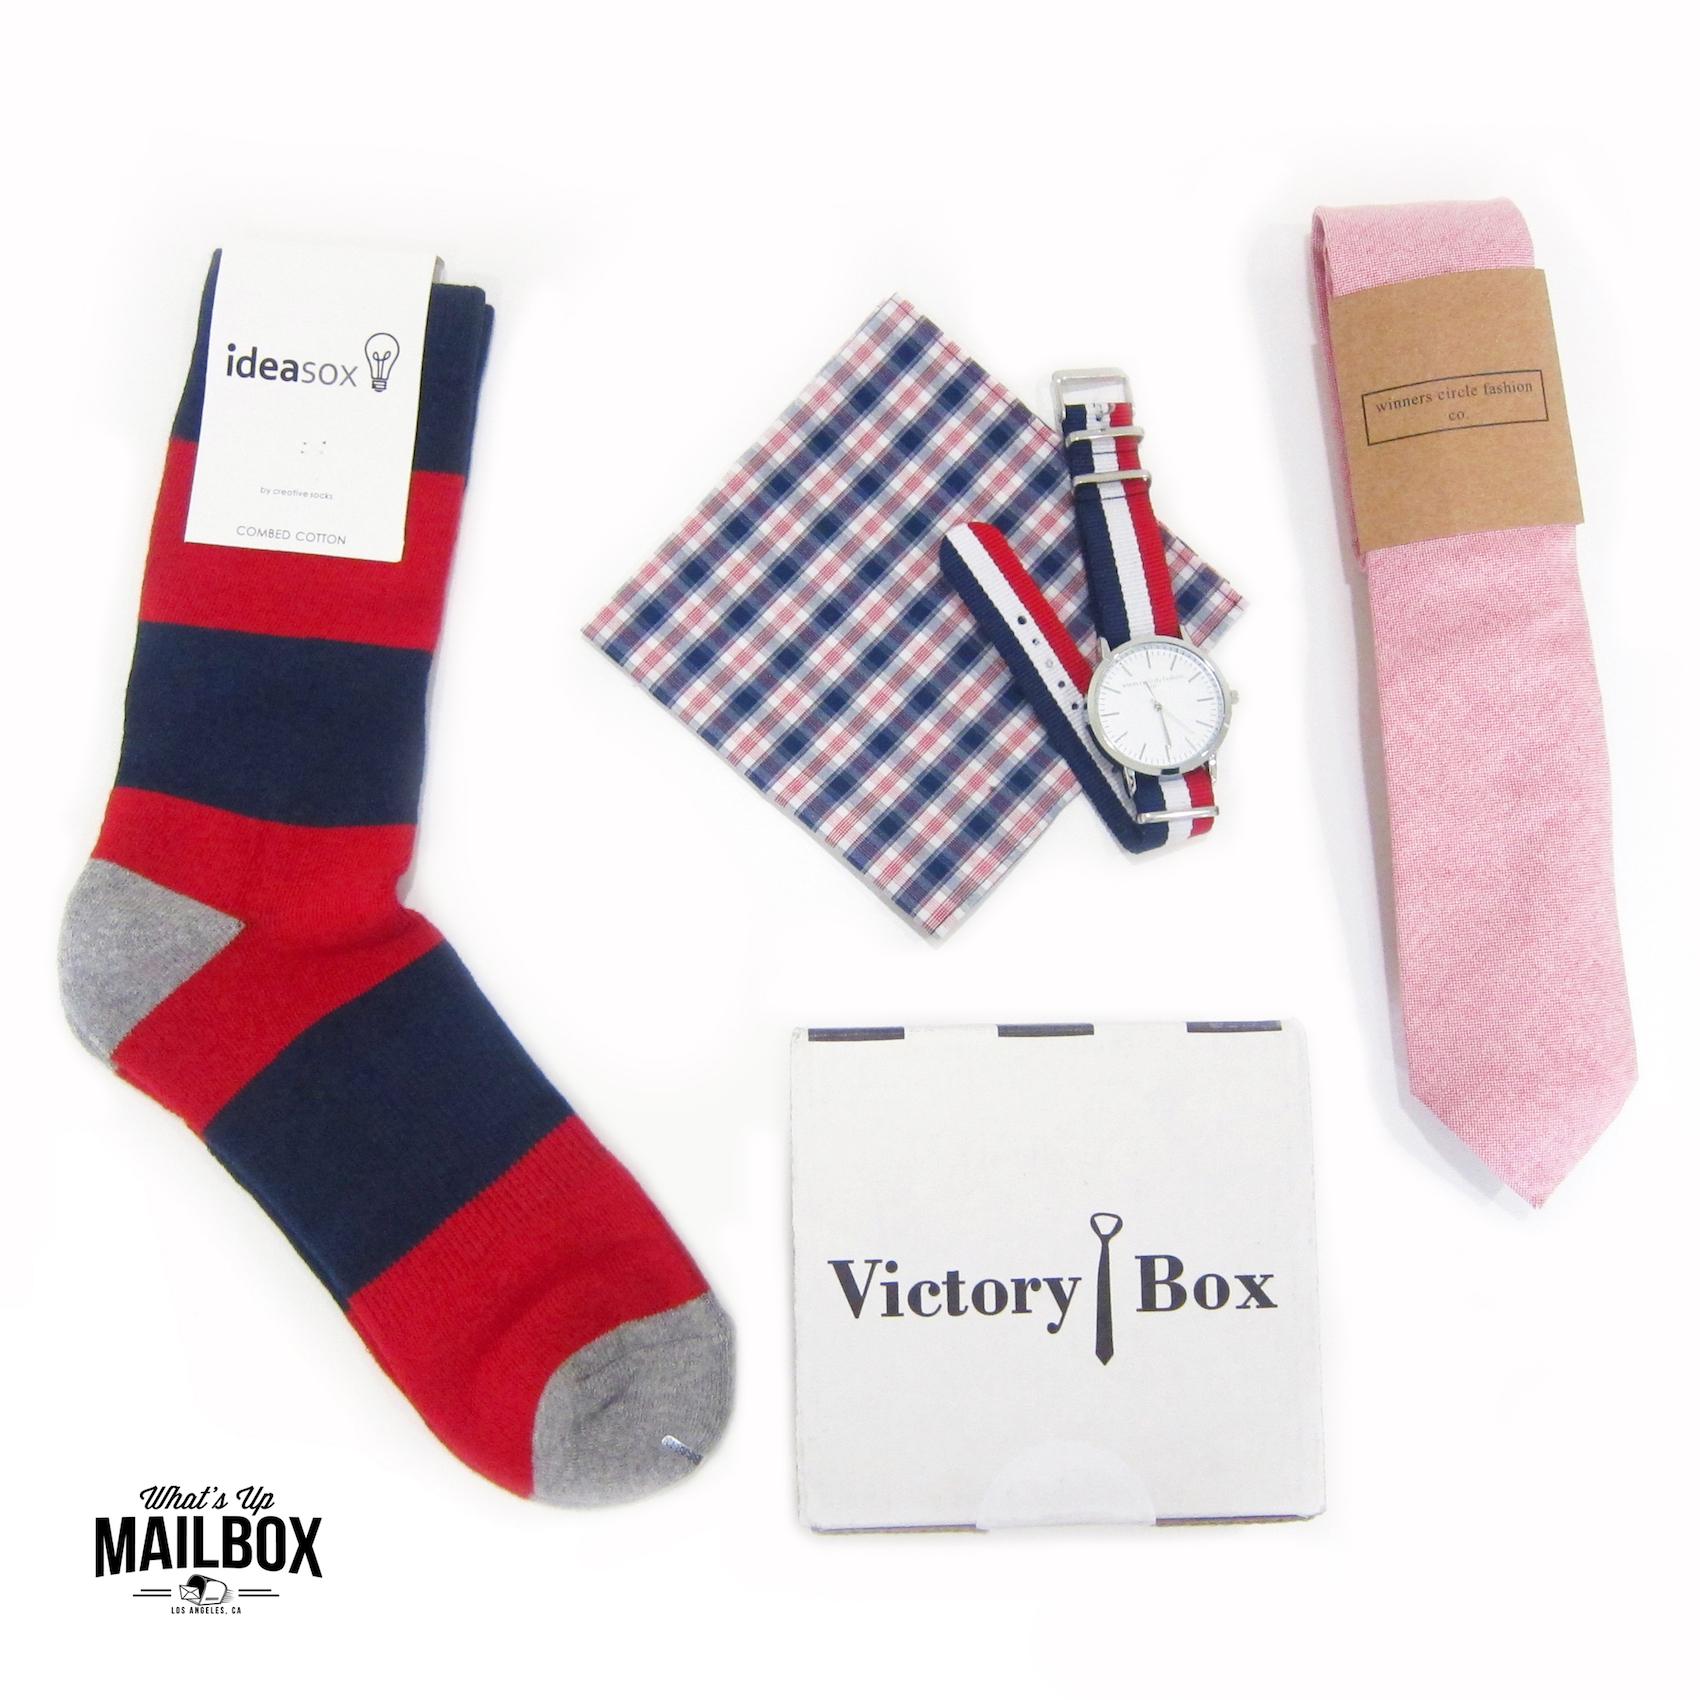 Victory Box May 2016 Review + Coupon!